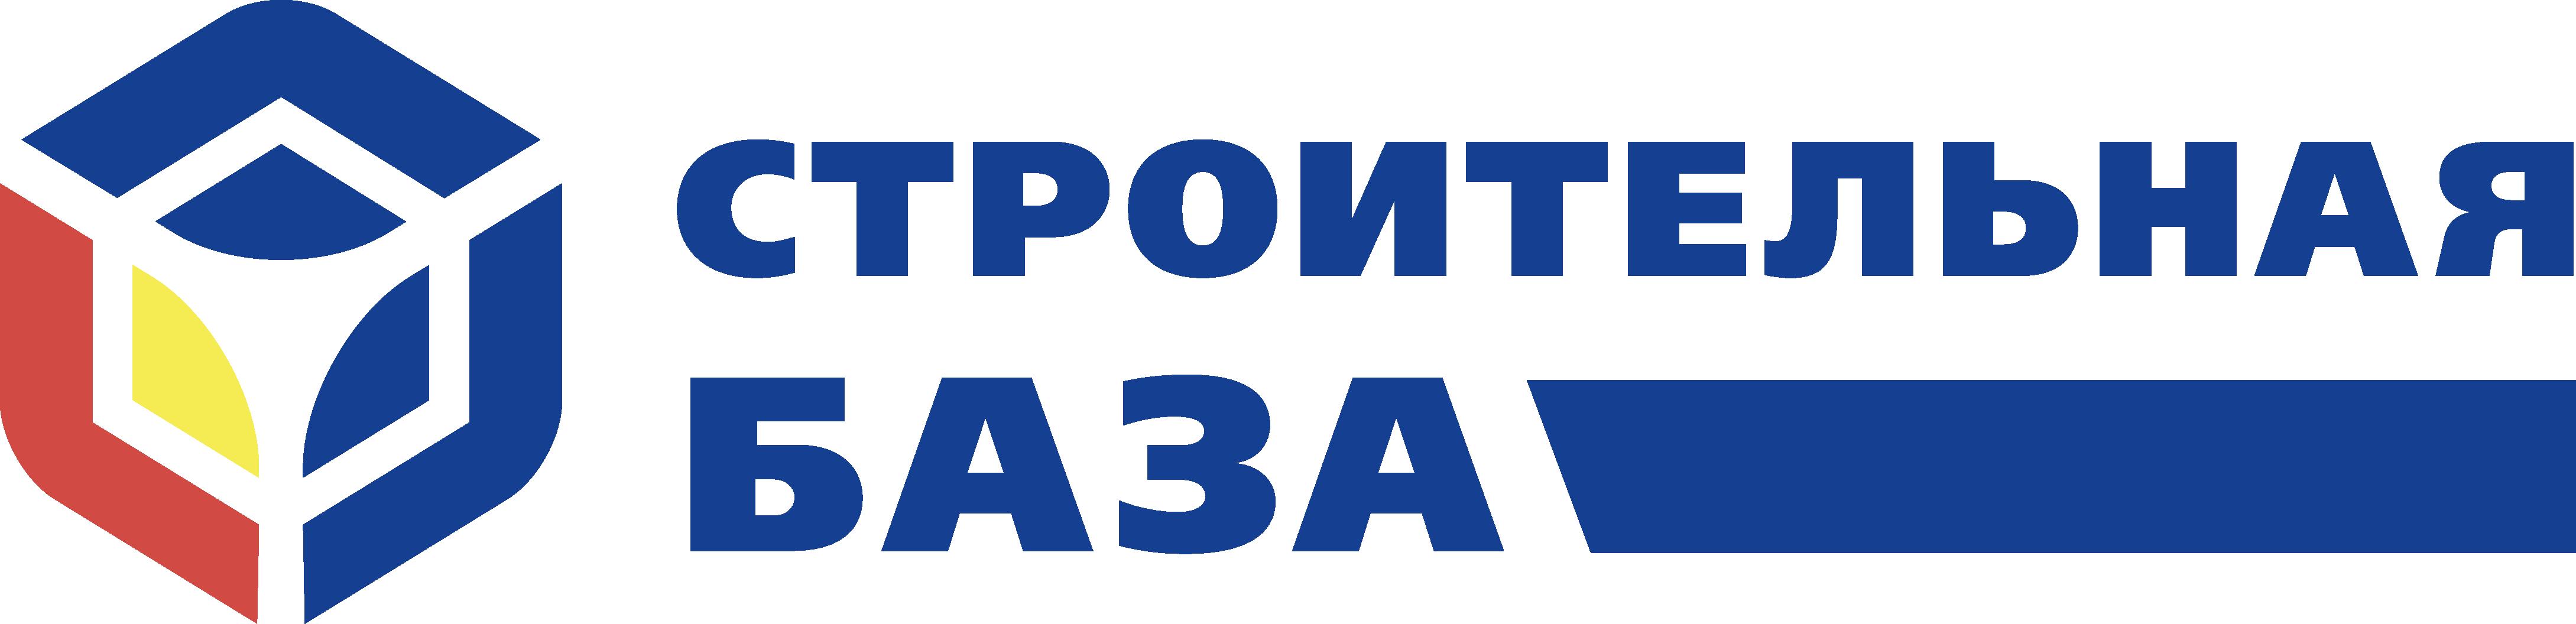 Продажа стройматериалов в Ижевске - интернет-магазин строительных материалов с доставкой - Строительная база Зимняя, 23